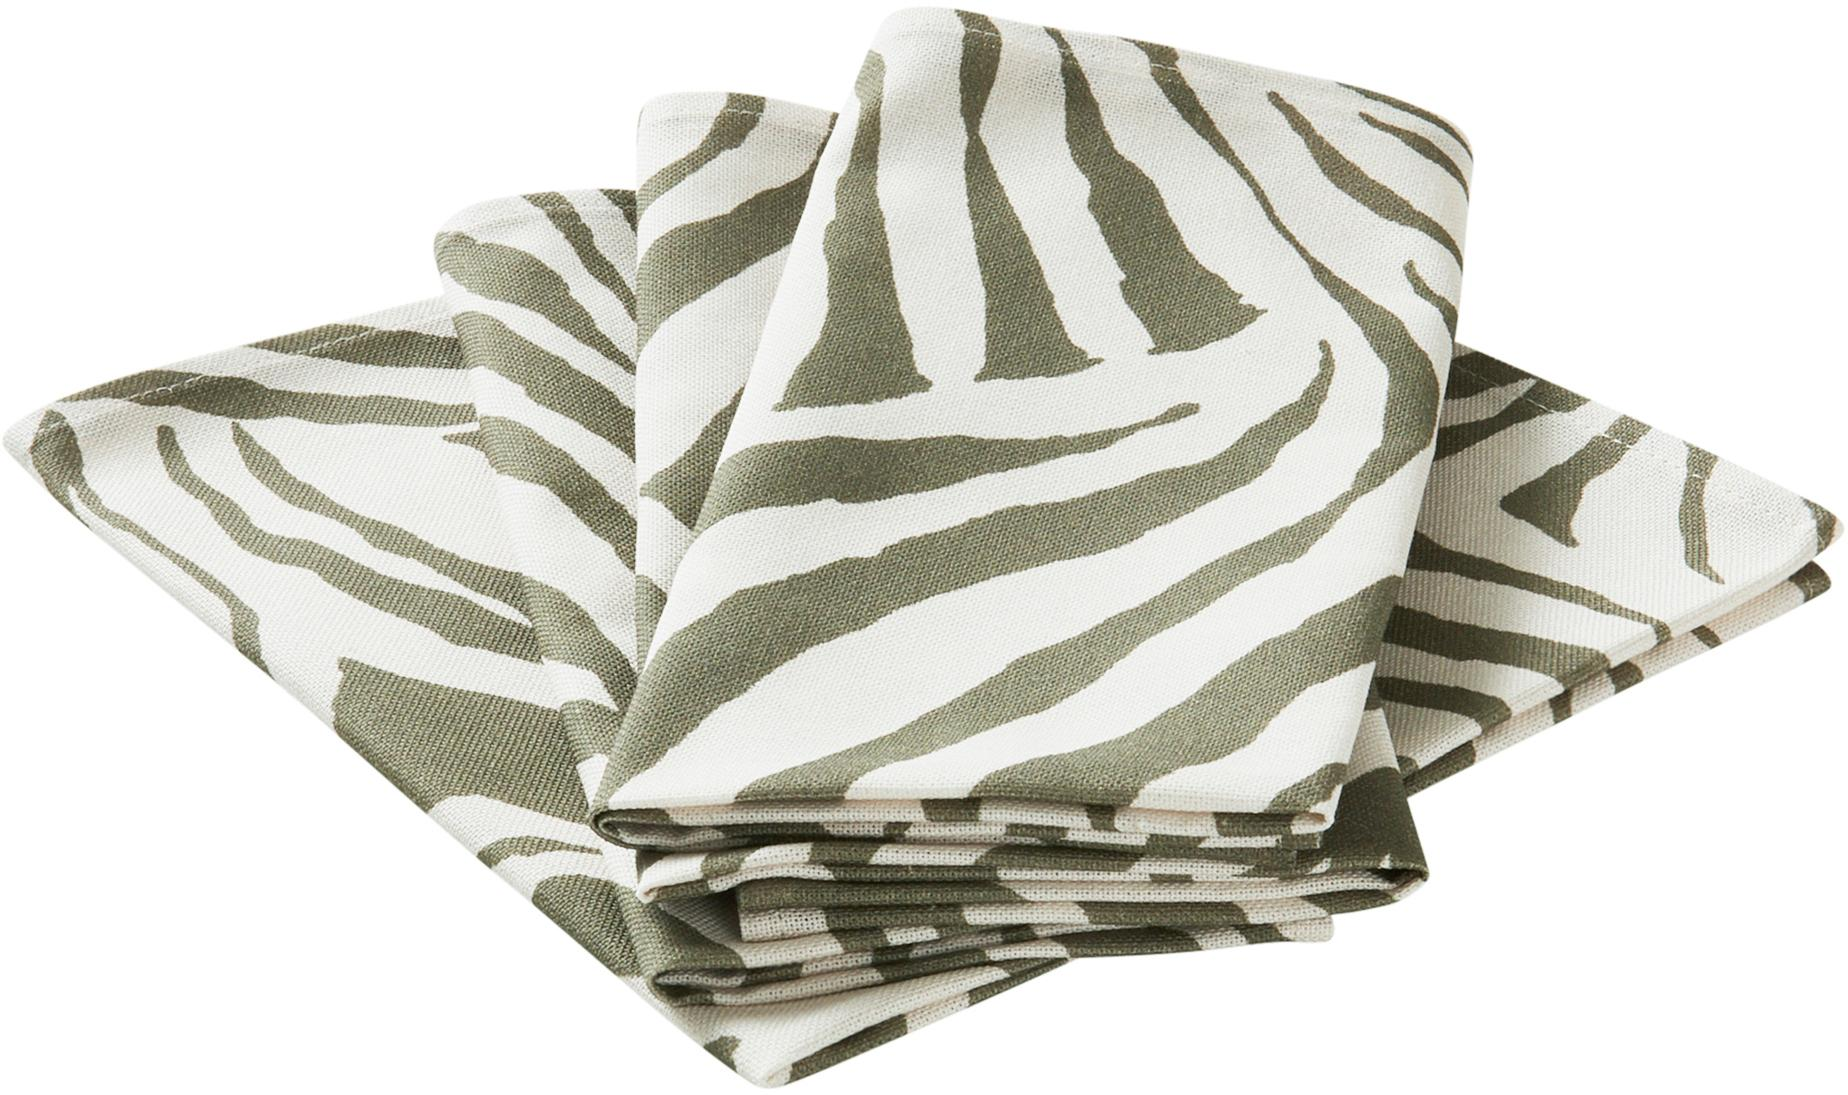 Servilletas de algodón Zadie, 4uds., 100%algodón de cultivos sostenible de algodón, Verde oliva, blanco crema, An 45 x L 45 cm